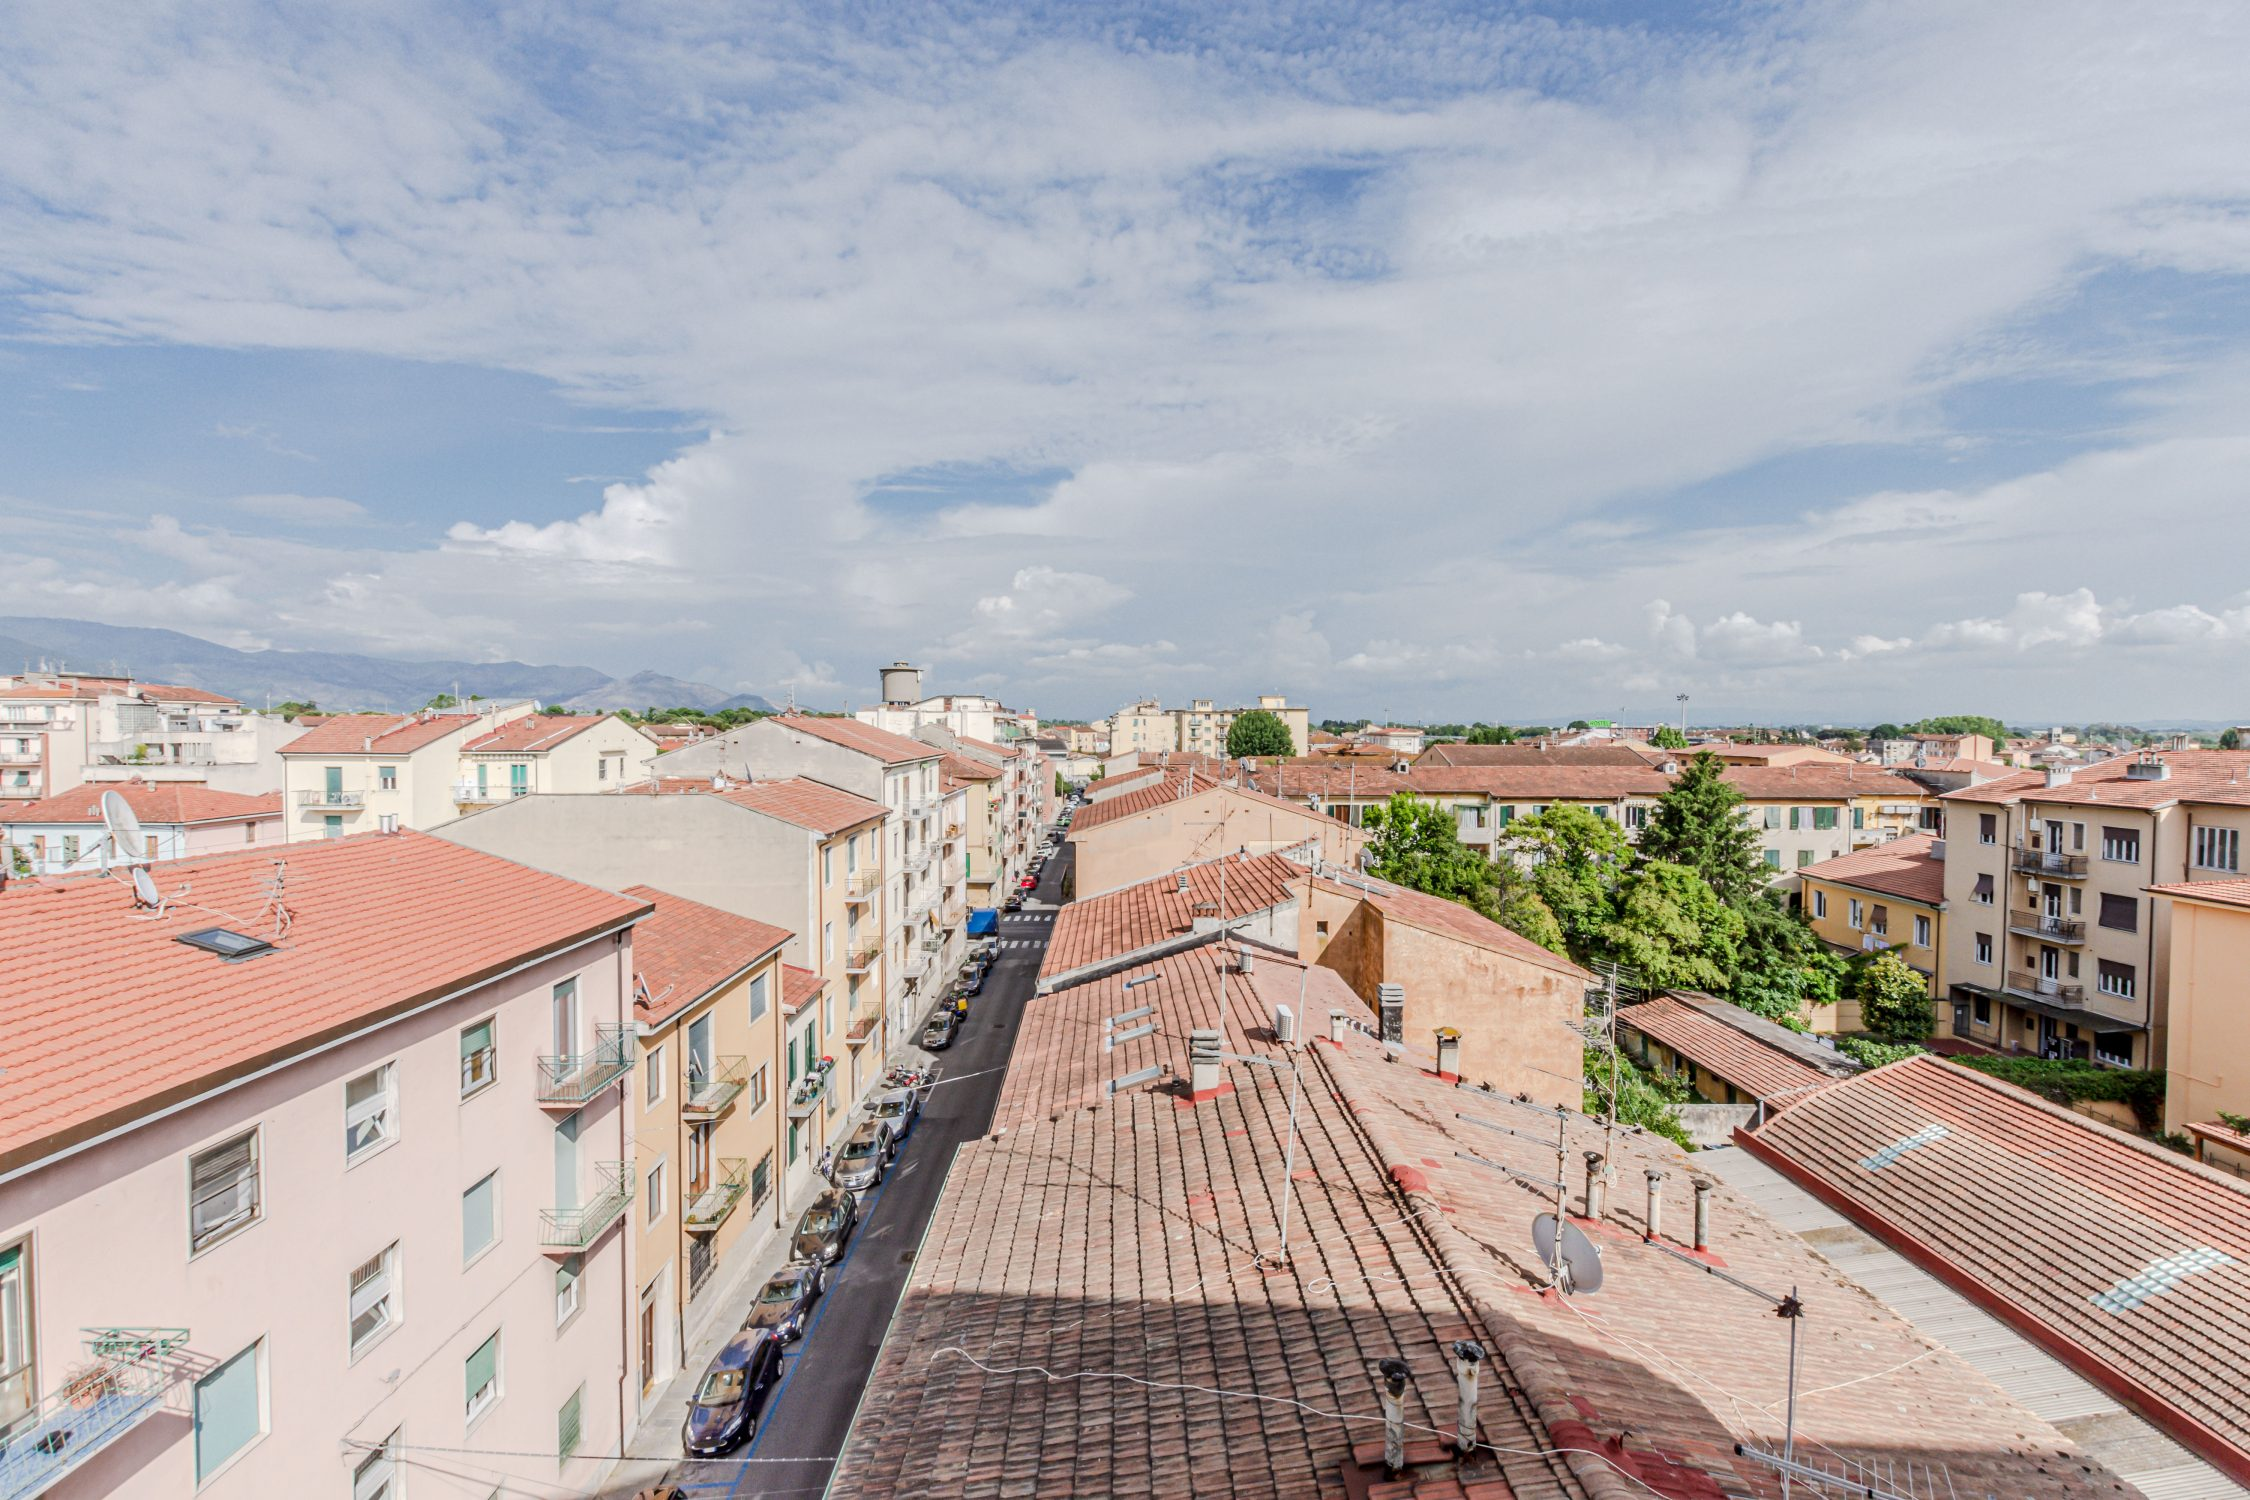 Attico in vendita con ampio terrazzo abitabile – Stazione Leopolda, Pisa